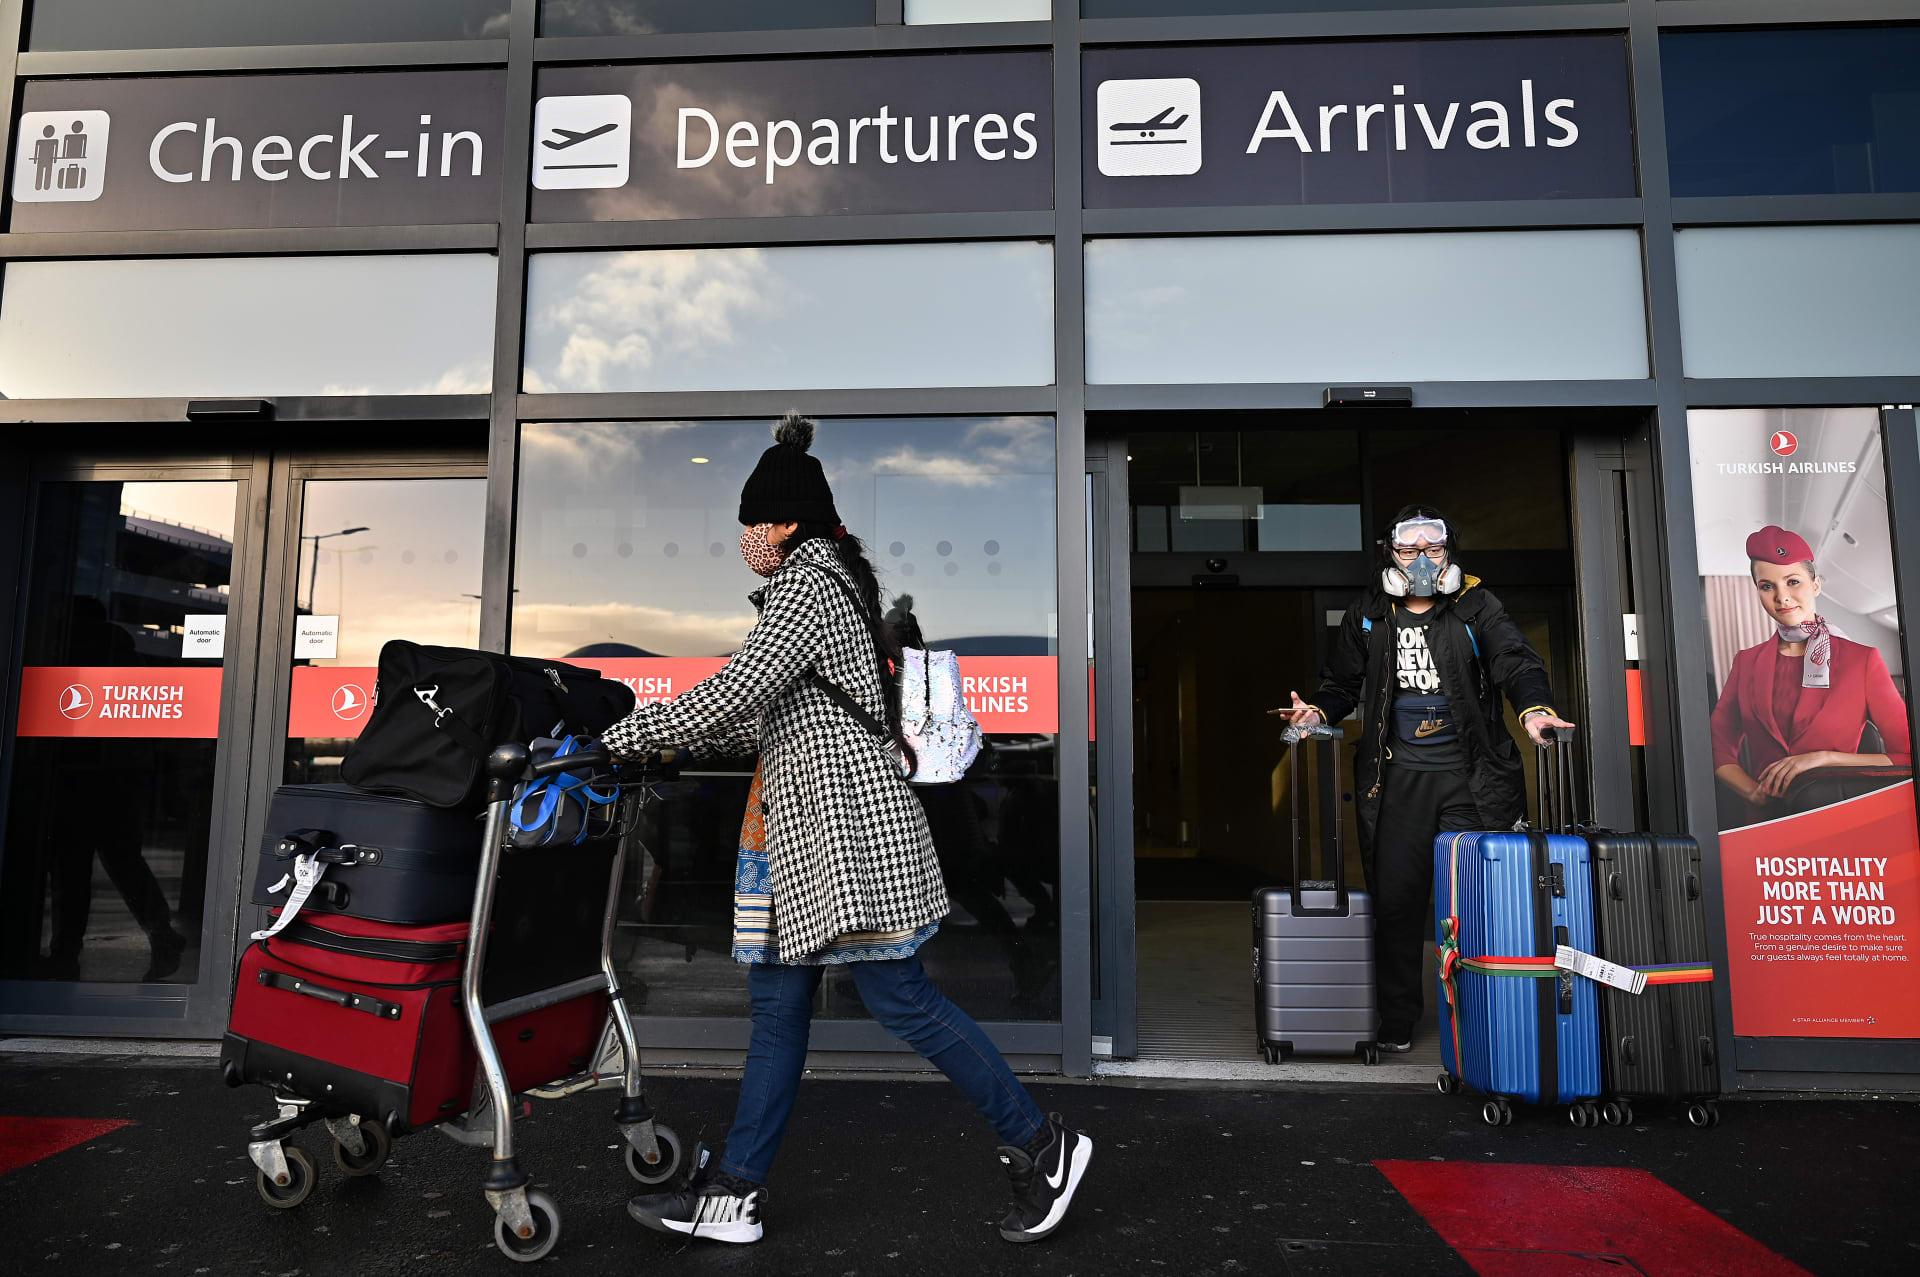 بريطانيا تضيف الإمارات إلى دول القائمة الحمراء الخاصة بحظر السفر